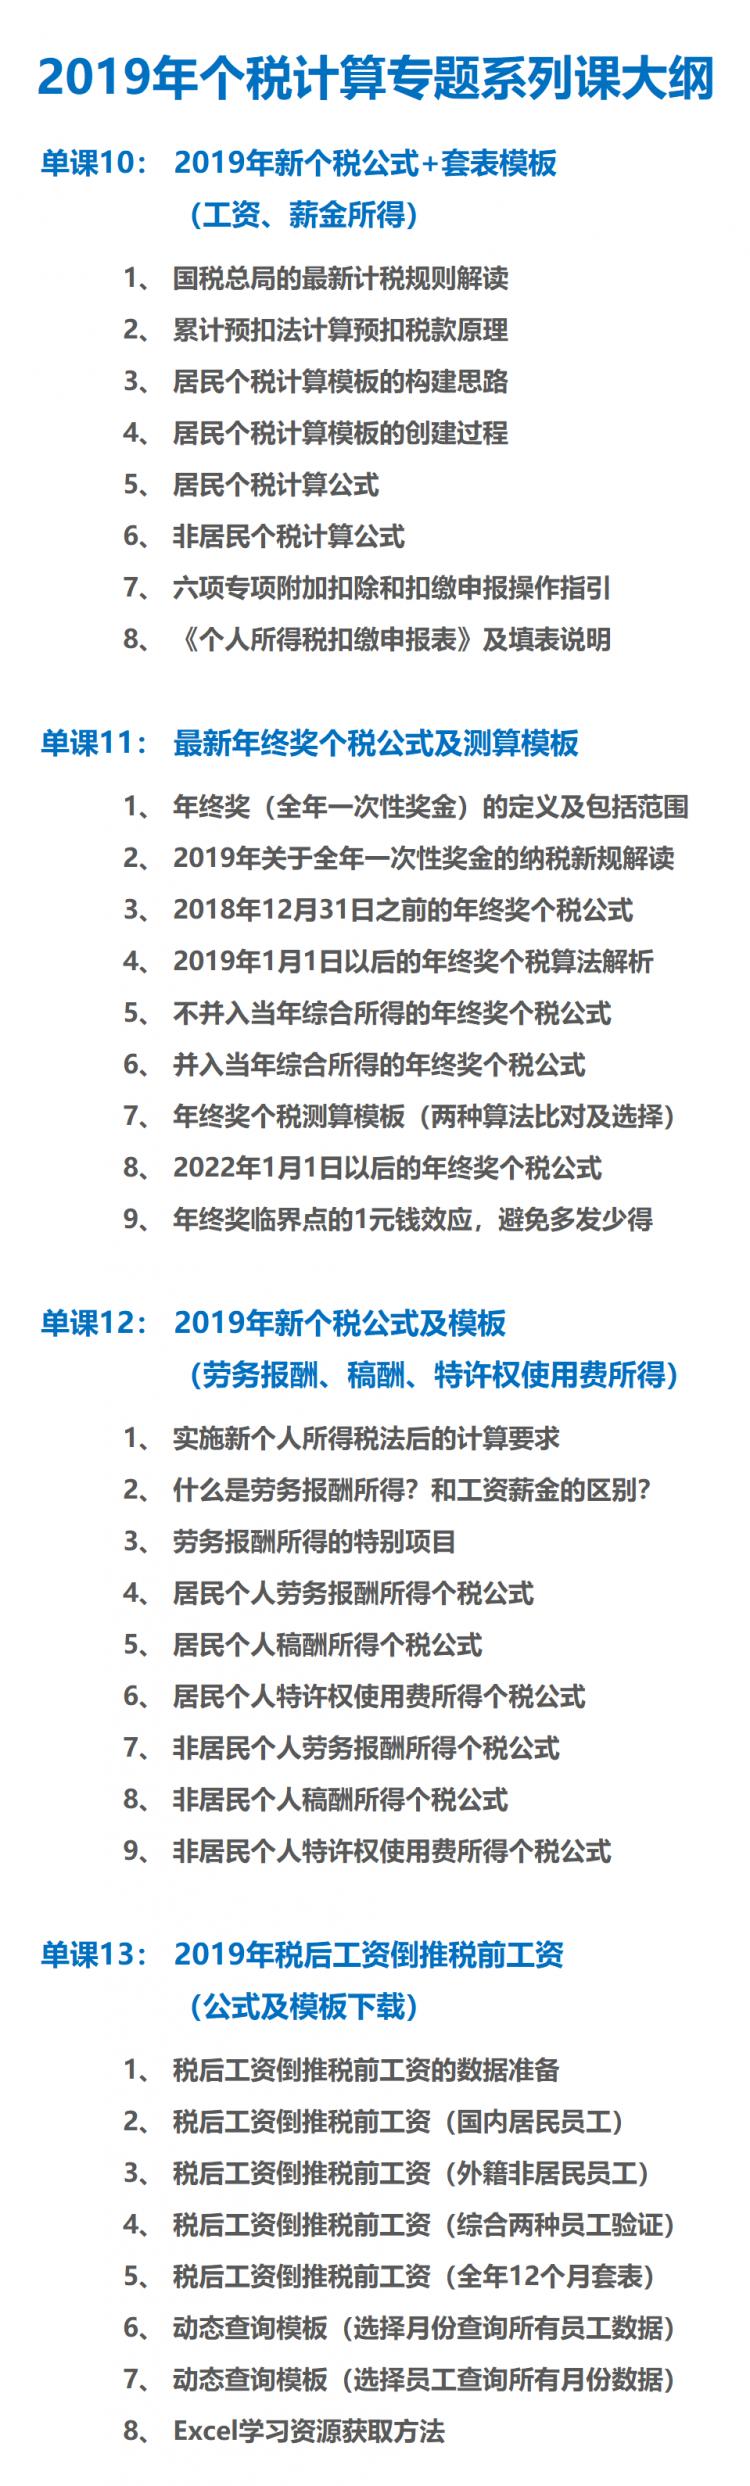 2019年个税计算专题系列课大纲.png